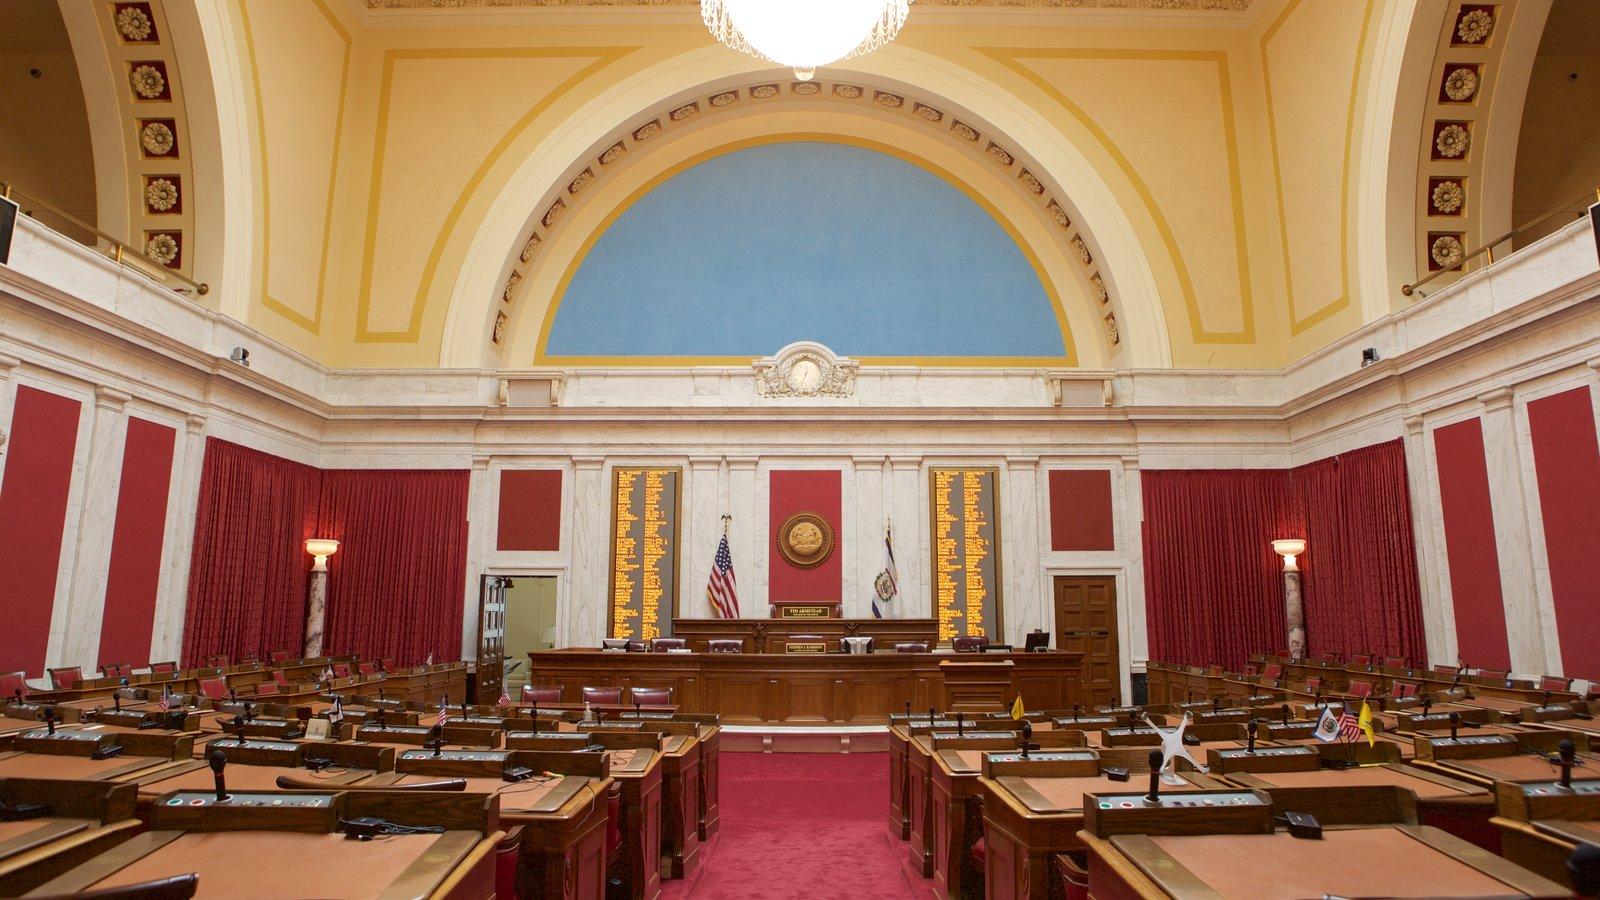 West Virginia State Capitol Building mostrando vistas interiores y un edificio administrativo